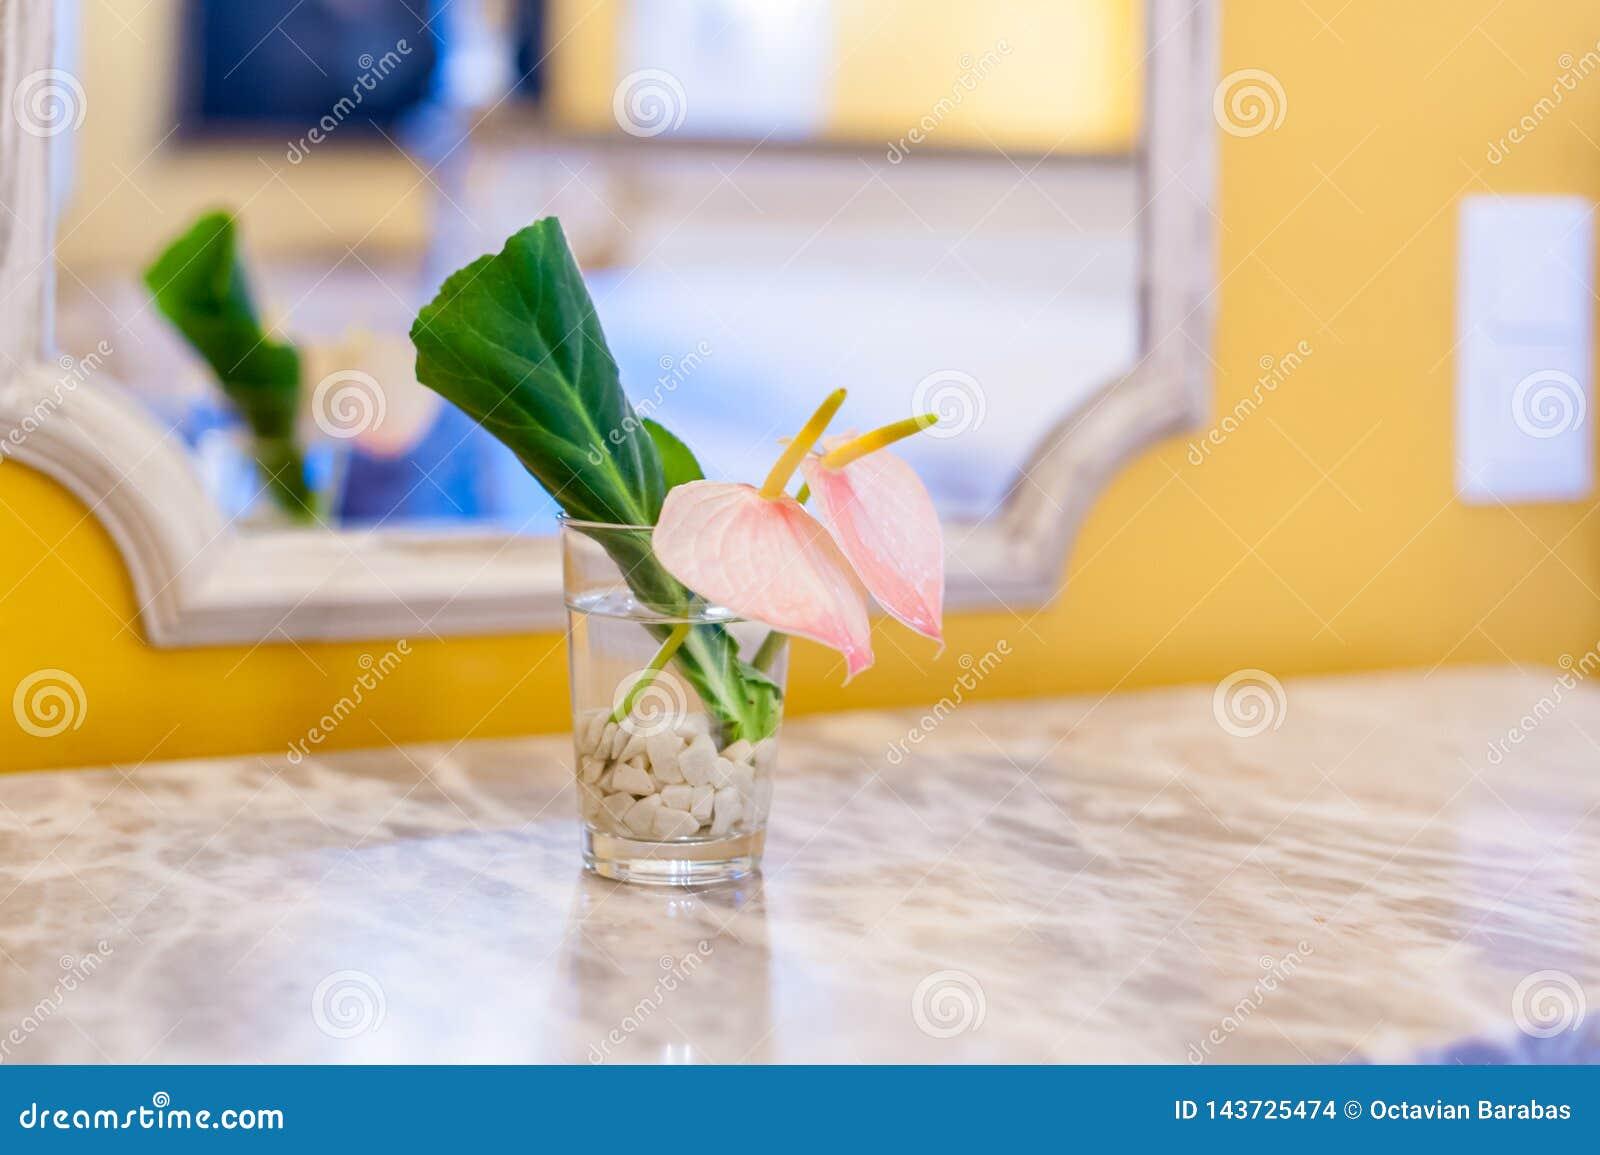 Розовый цветок и зеленые лист в небольшом прозрачном стекле